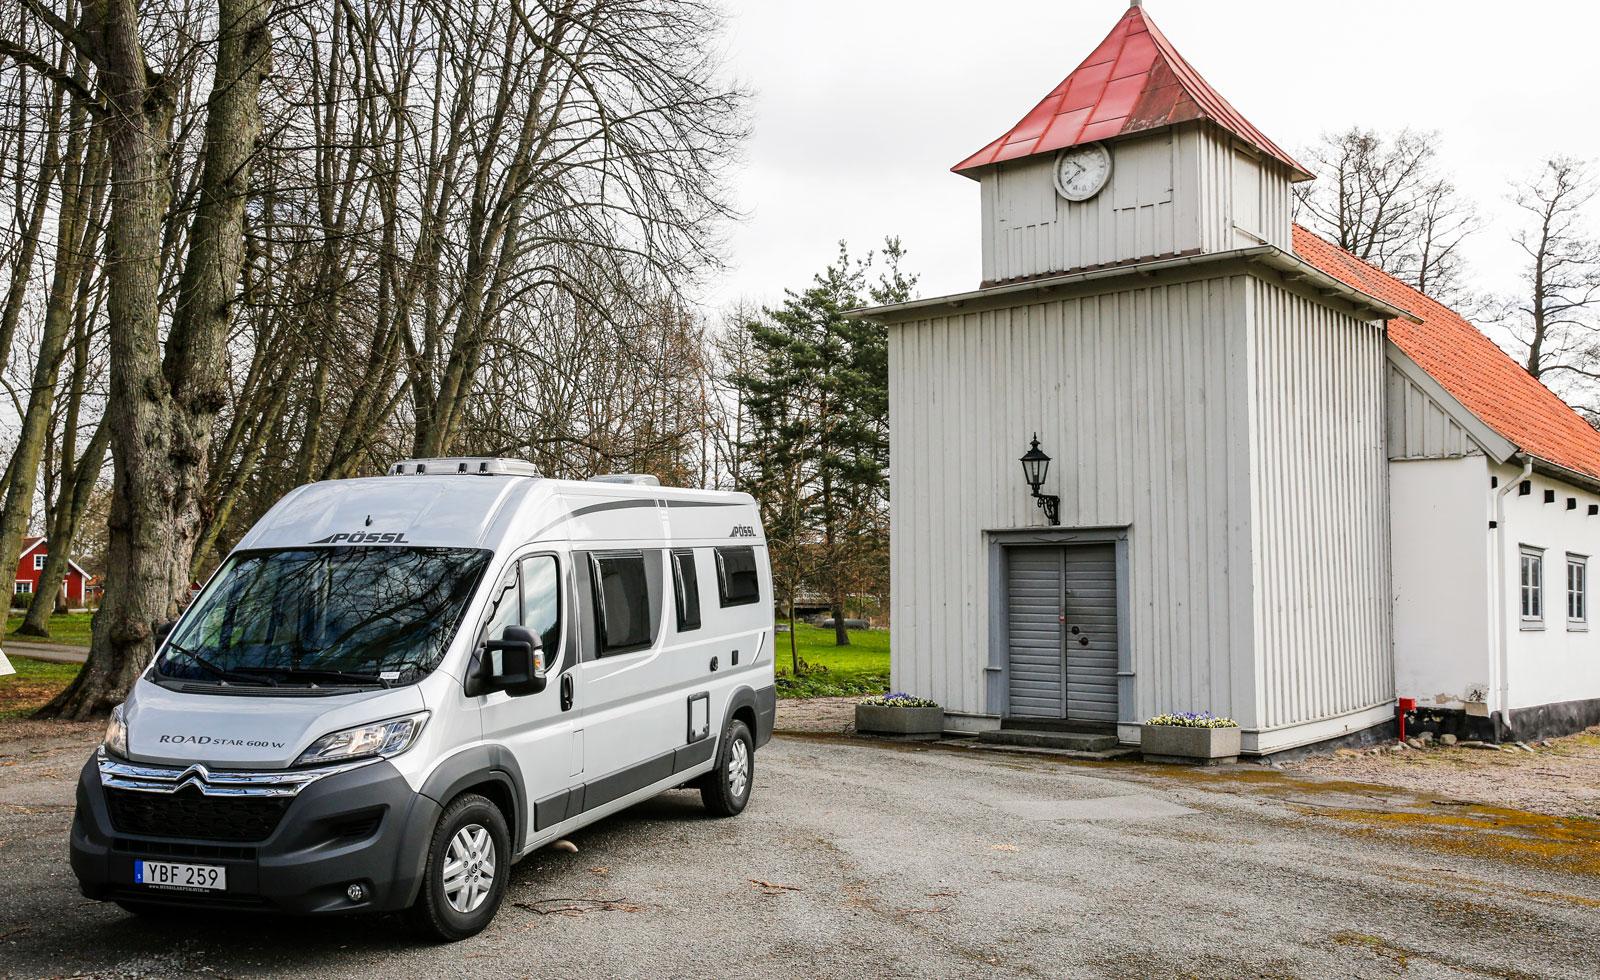 Men en liten kompakt husbil behöver man aldrig dra sig för att åka in på småvägar som leder till spännande sevärdheter. Elleholms kyrka, Blekinge.